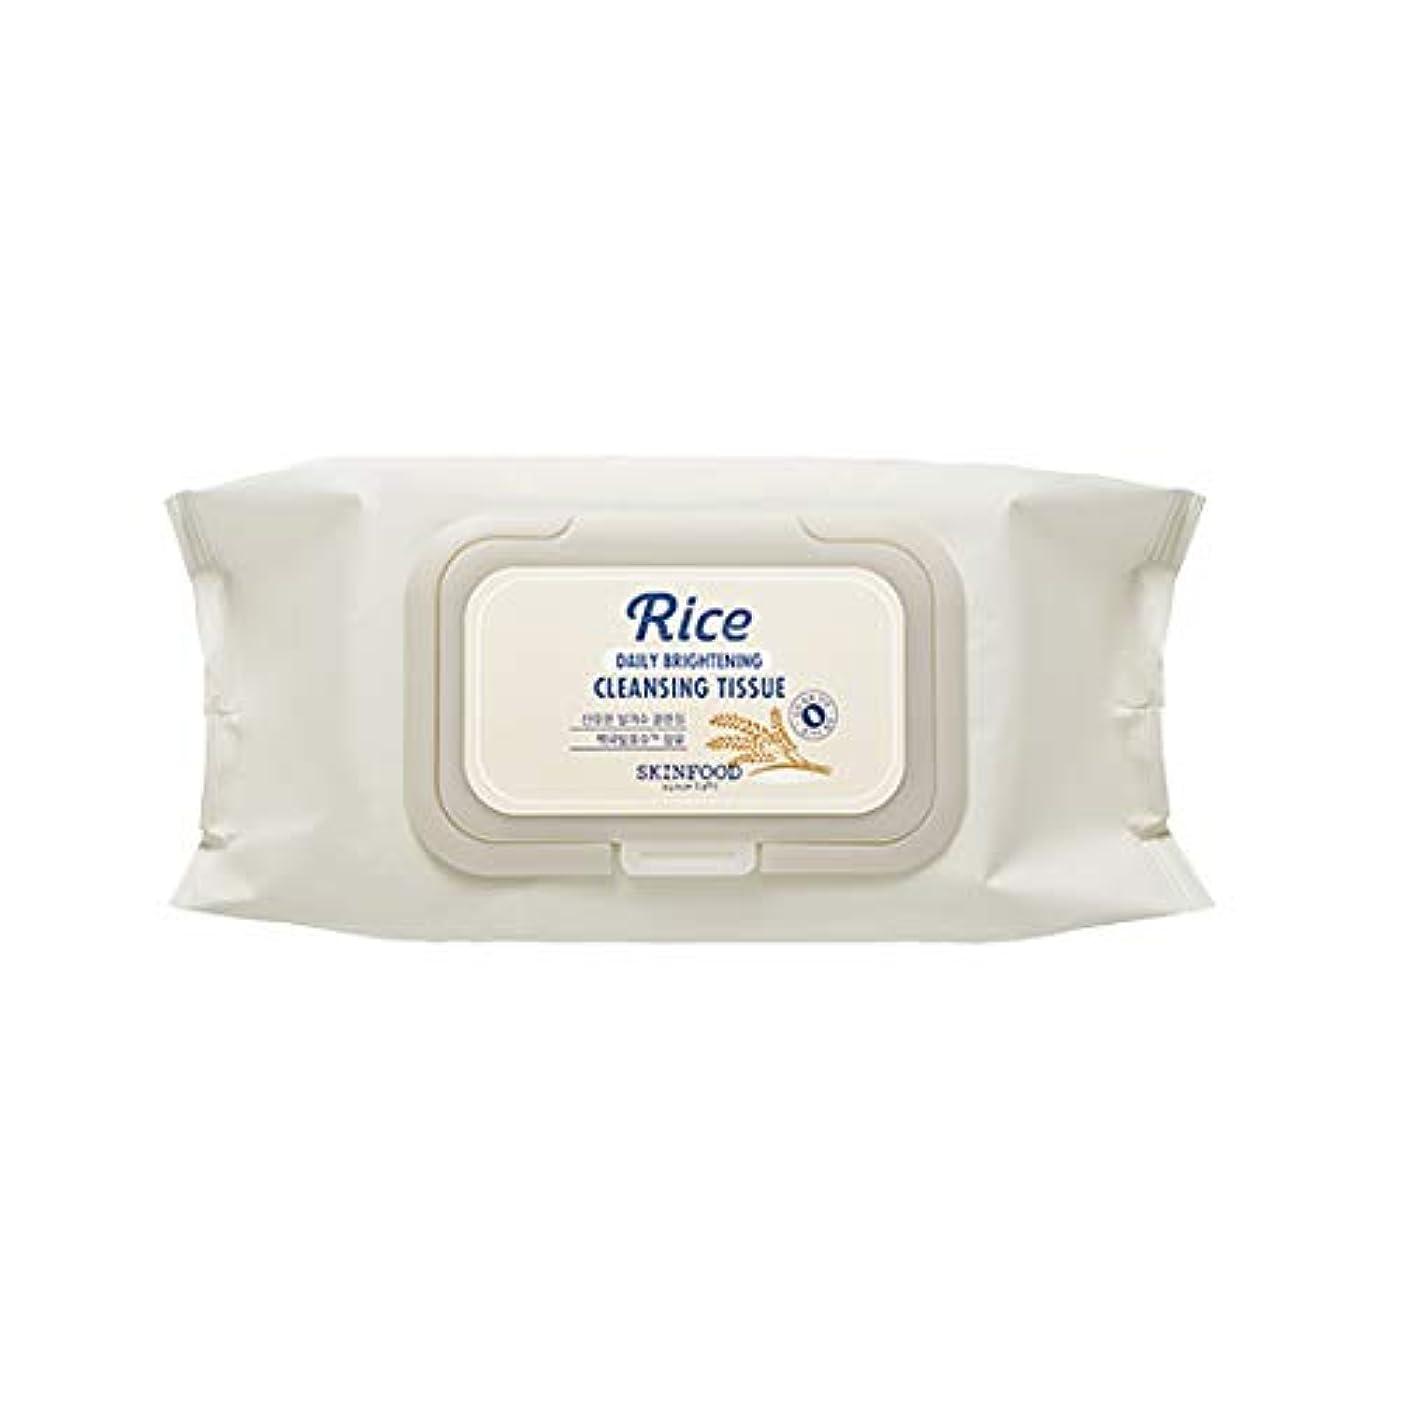 マティス発明する喉頭Skinfood/Rice Daily Brightening Cleansing Tissue/ライスデイリーブライトニングクレンジングティッシュ/380ml [並行輸入品]